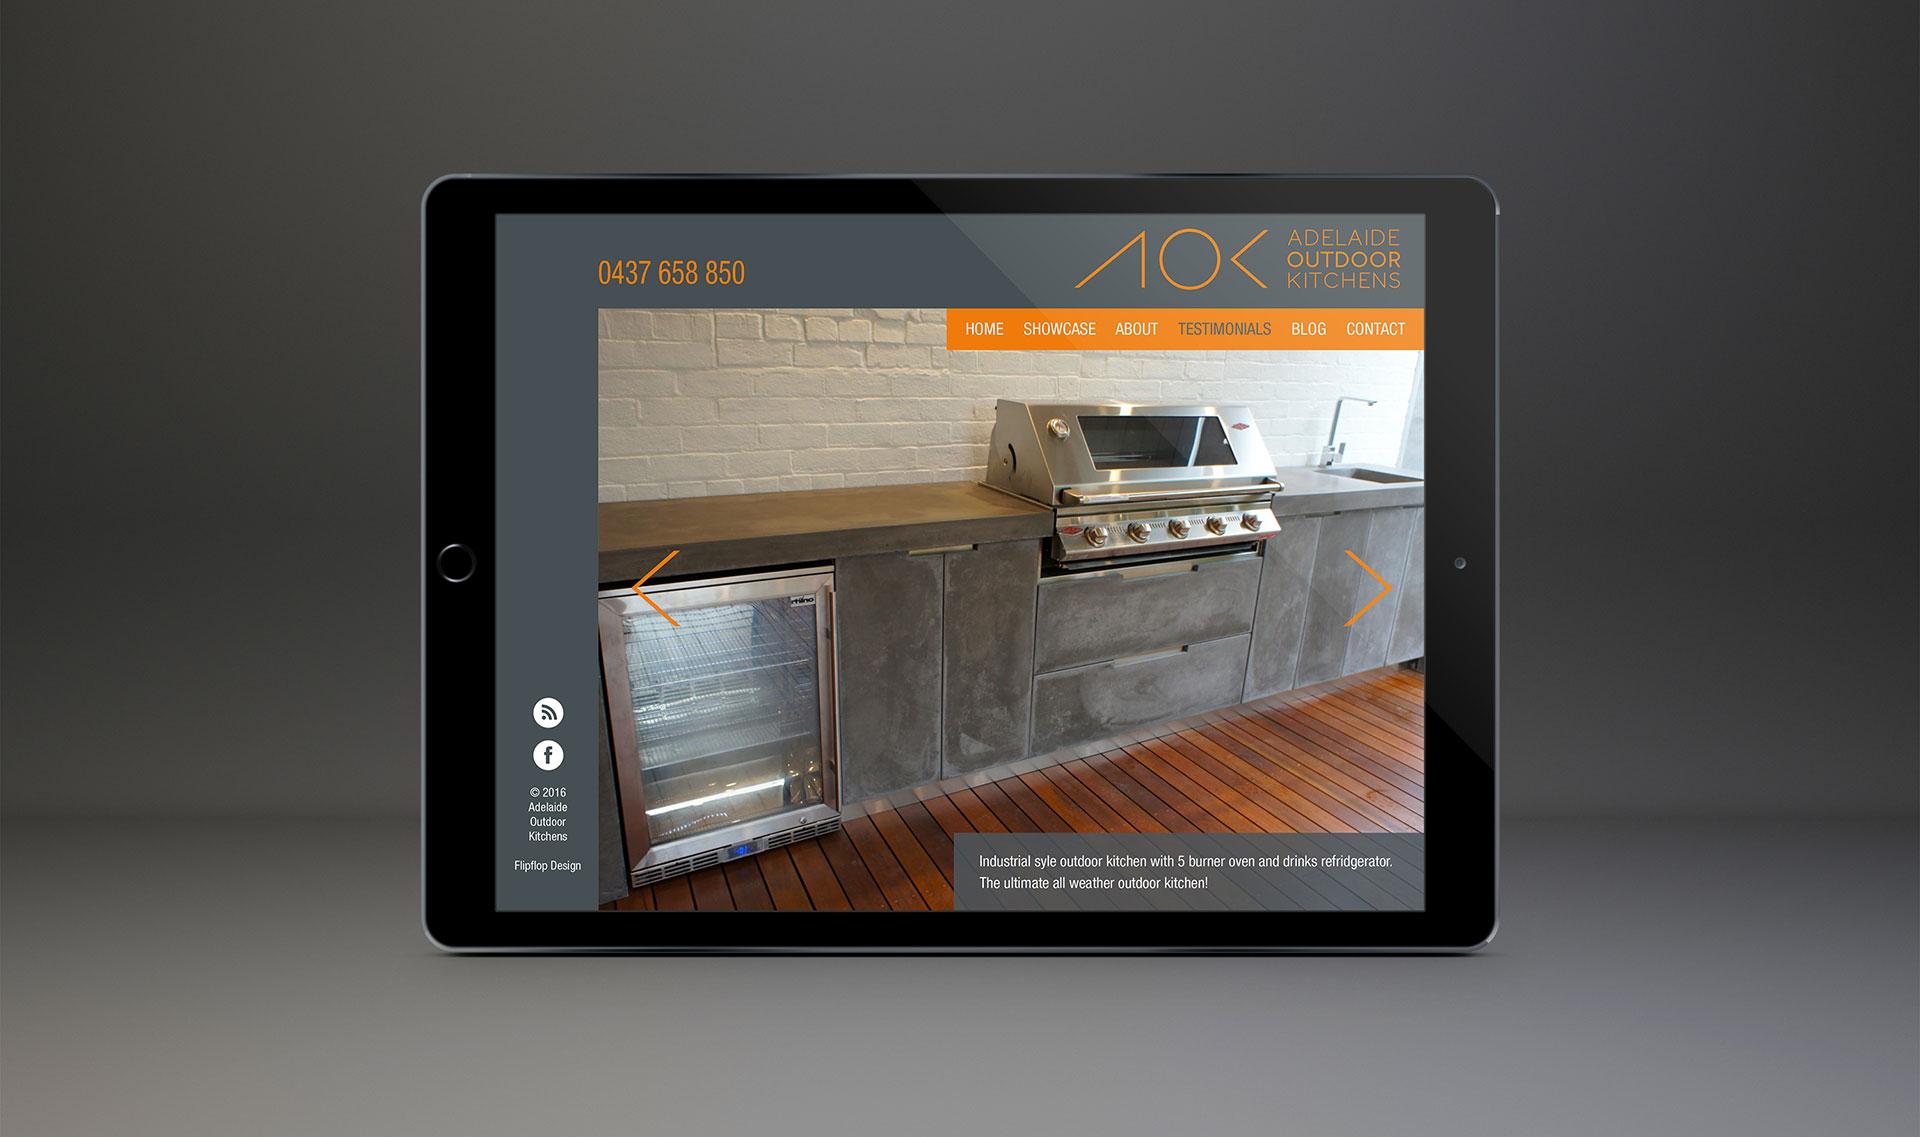 Website Design Home Page - Brand Design and website Design - Flipflop Design Agency